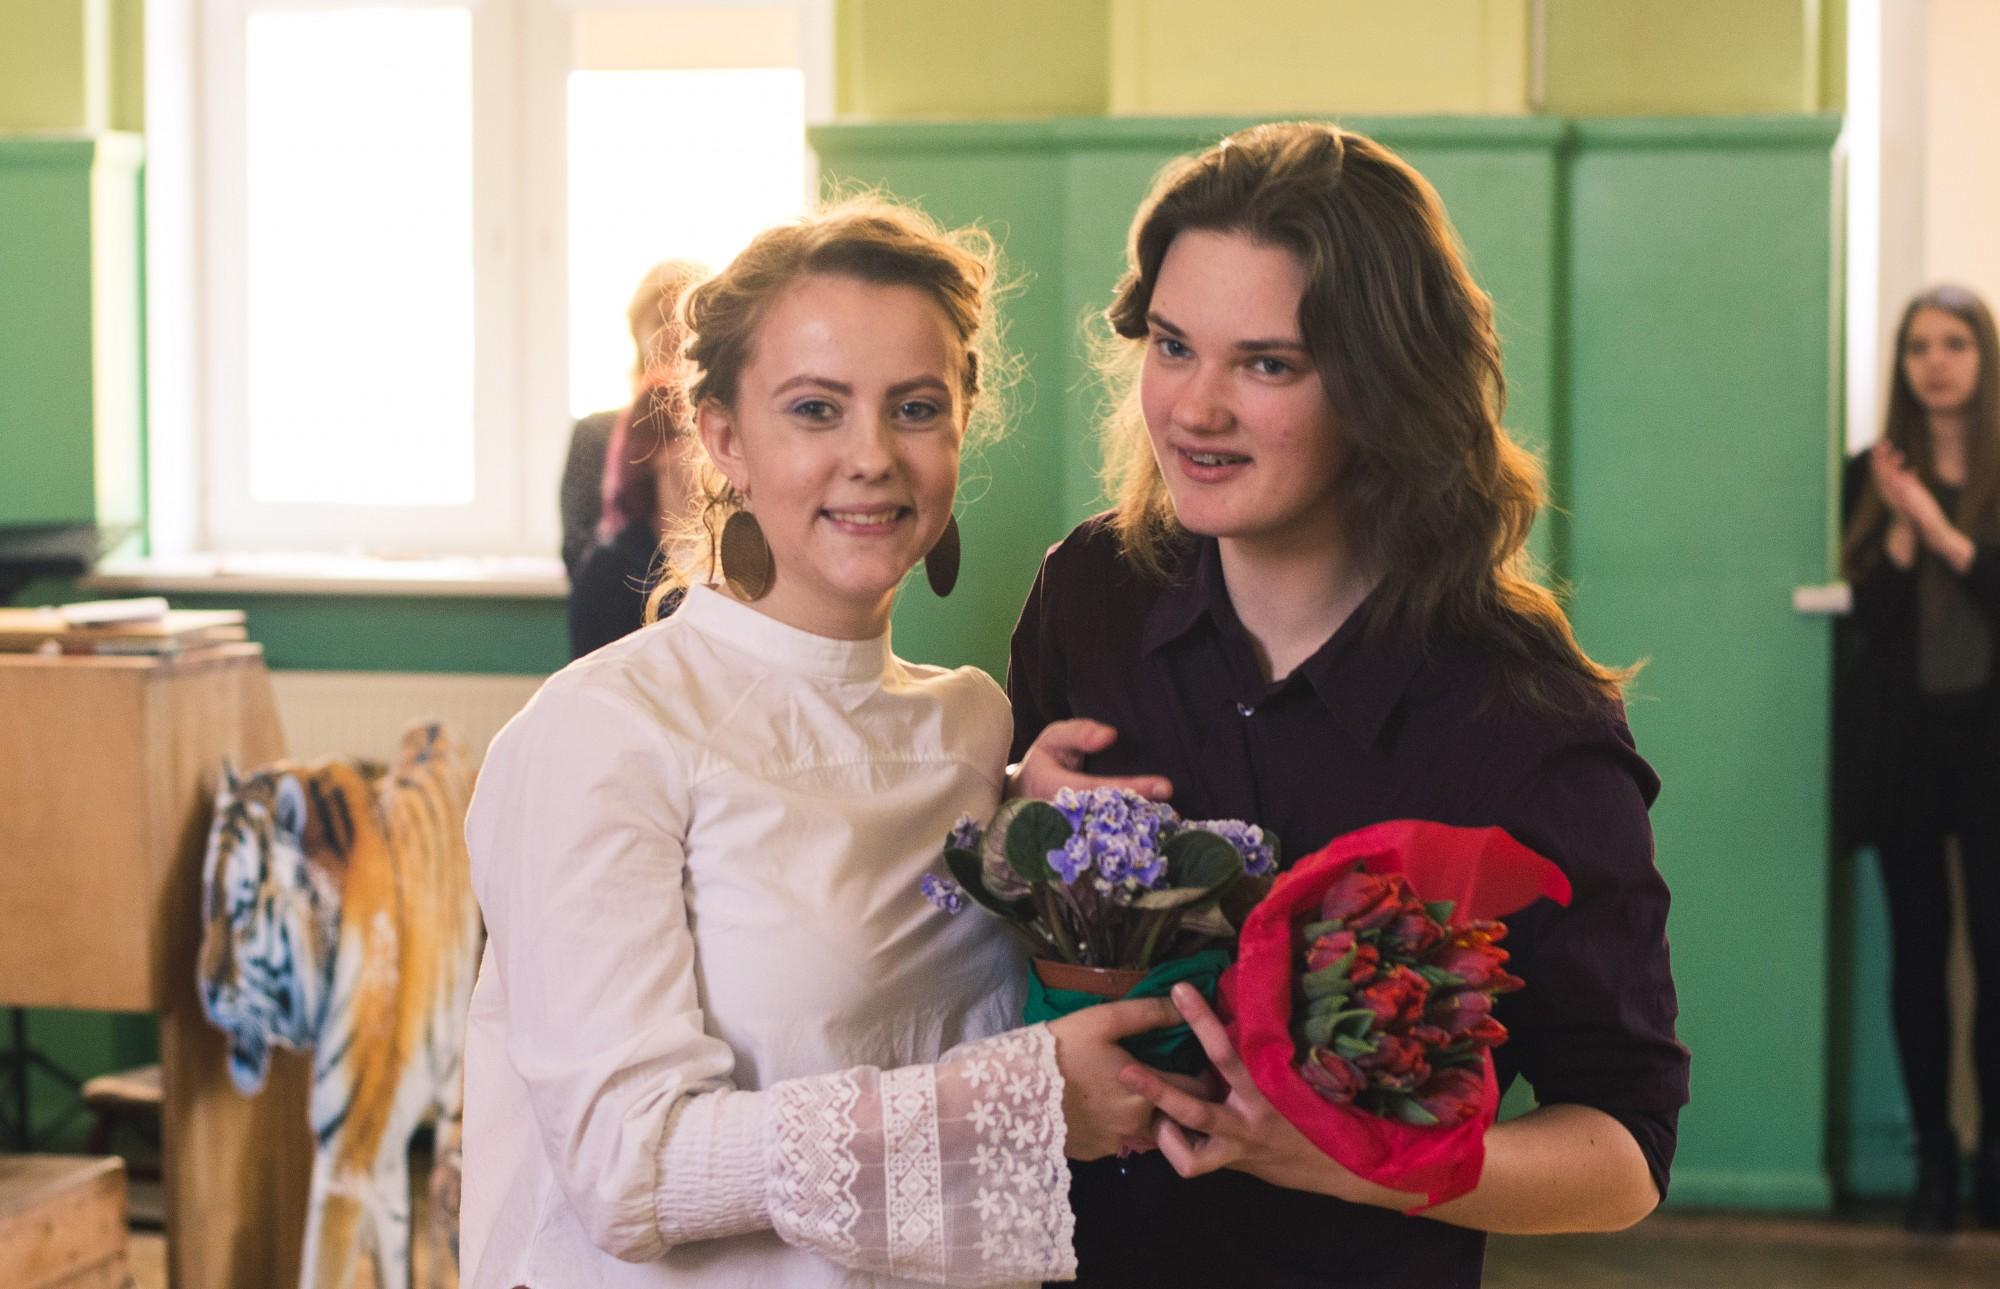 Par Skolēnu domes prezidenti ievēl Montu Ļešči; apbalvo labākās skolēnu pašpārvaldes